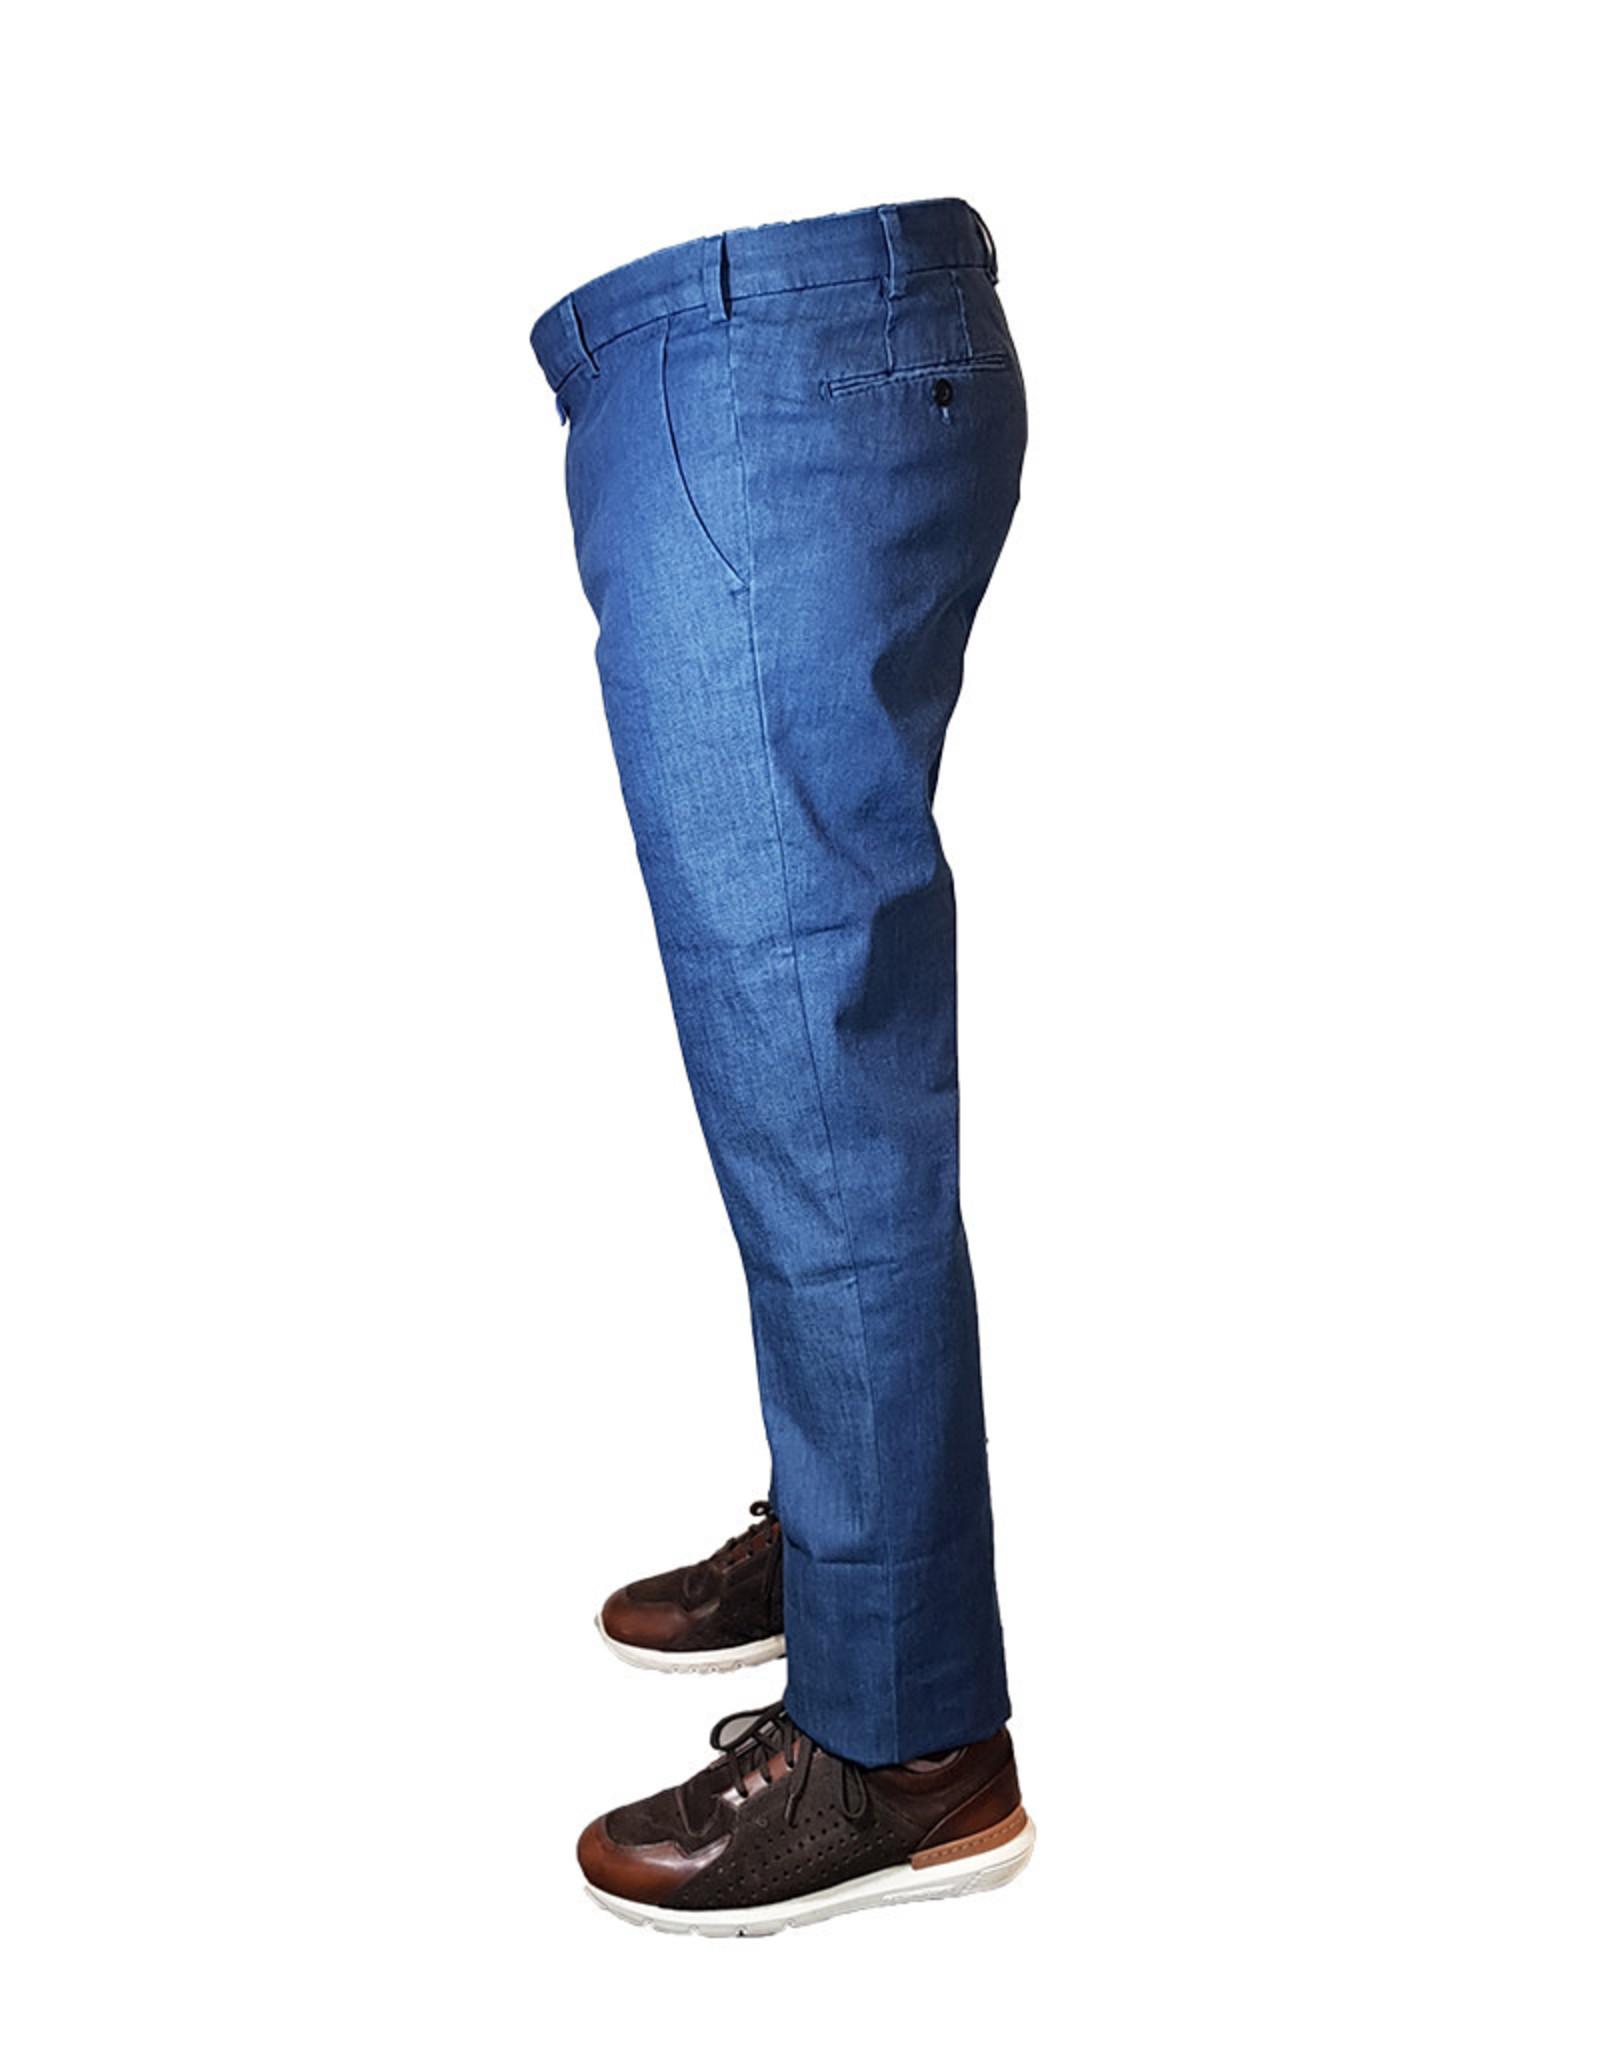 Meyer Exclusive Meyer Exclusive broek jeans blauw 8057/17